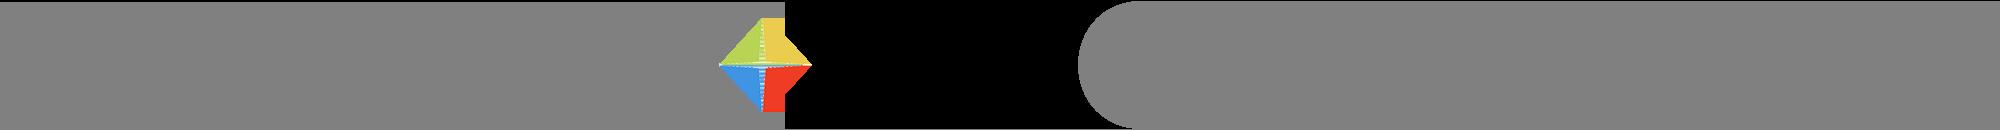 slideshow-keyos-logo-1